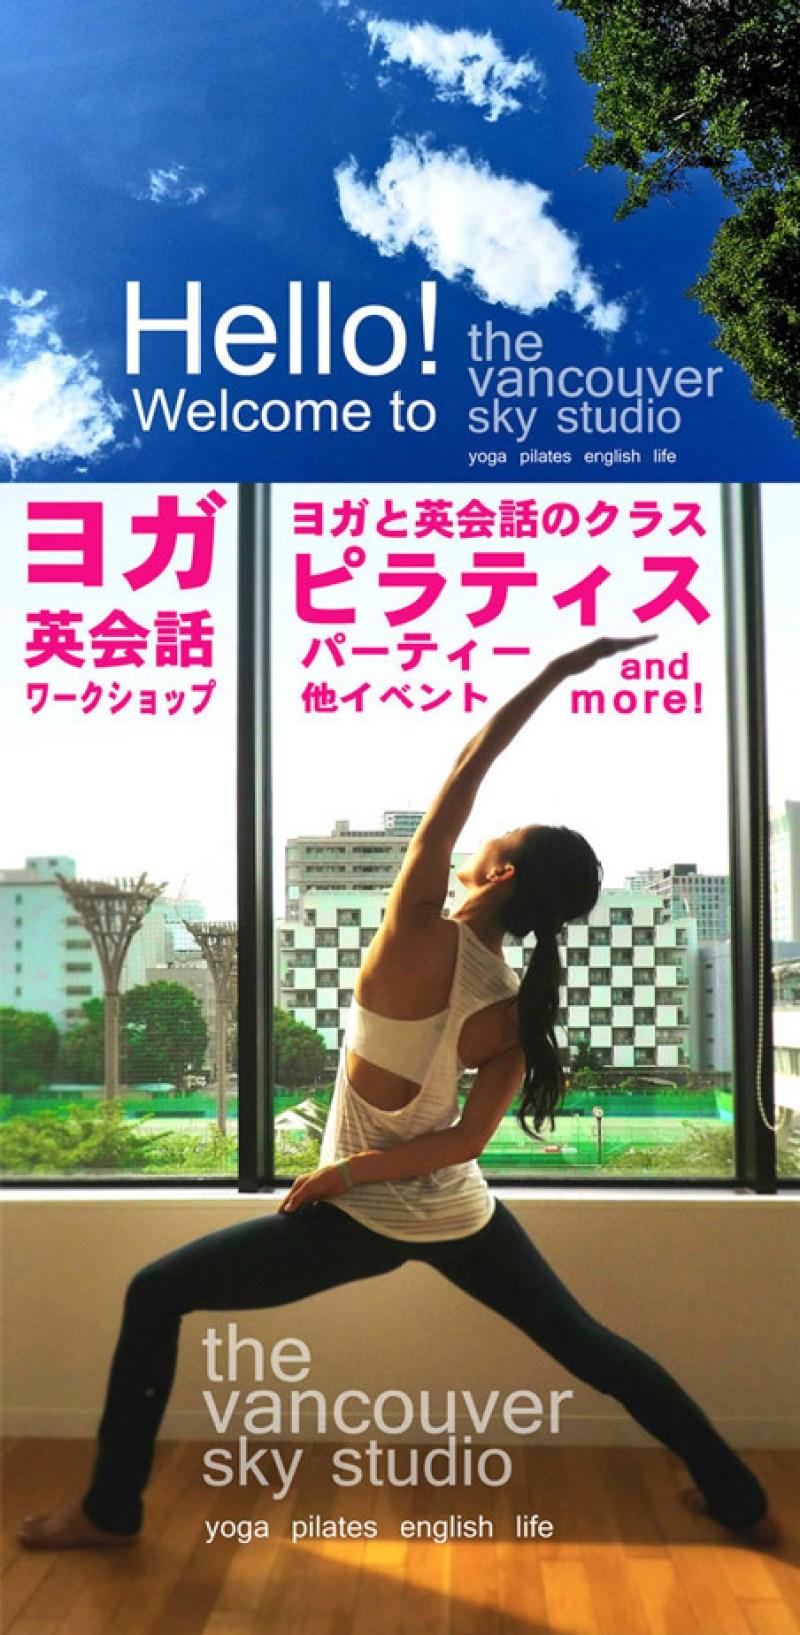 大阪ヨガピラティス英会話 のスタジオ、バンクーバースカイスタジオへようこそ!大阪本町靭公園のすぐ側、カナダバンクーバーの様な開放感たっぷりの空間でヨガ、ピラティス。朝ヨガから夜のヨガまで色んな空と一緒にヨガを楽しめます! 大阪の街で異国の空間を…